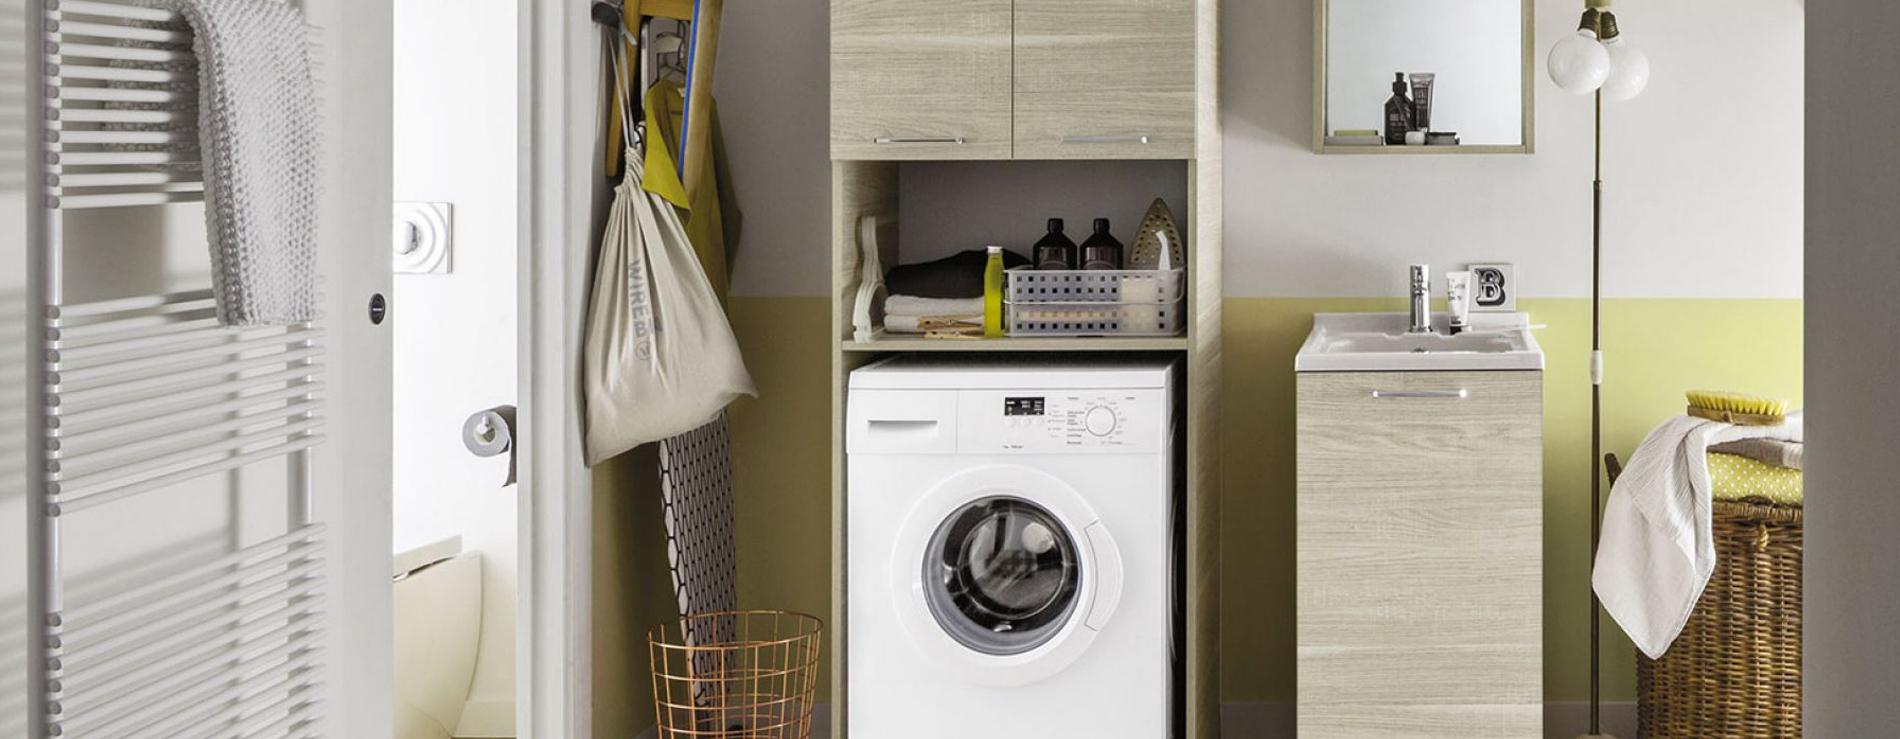 Awesome armadi per lavanderia photos - Mobili per lavanderia ...